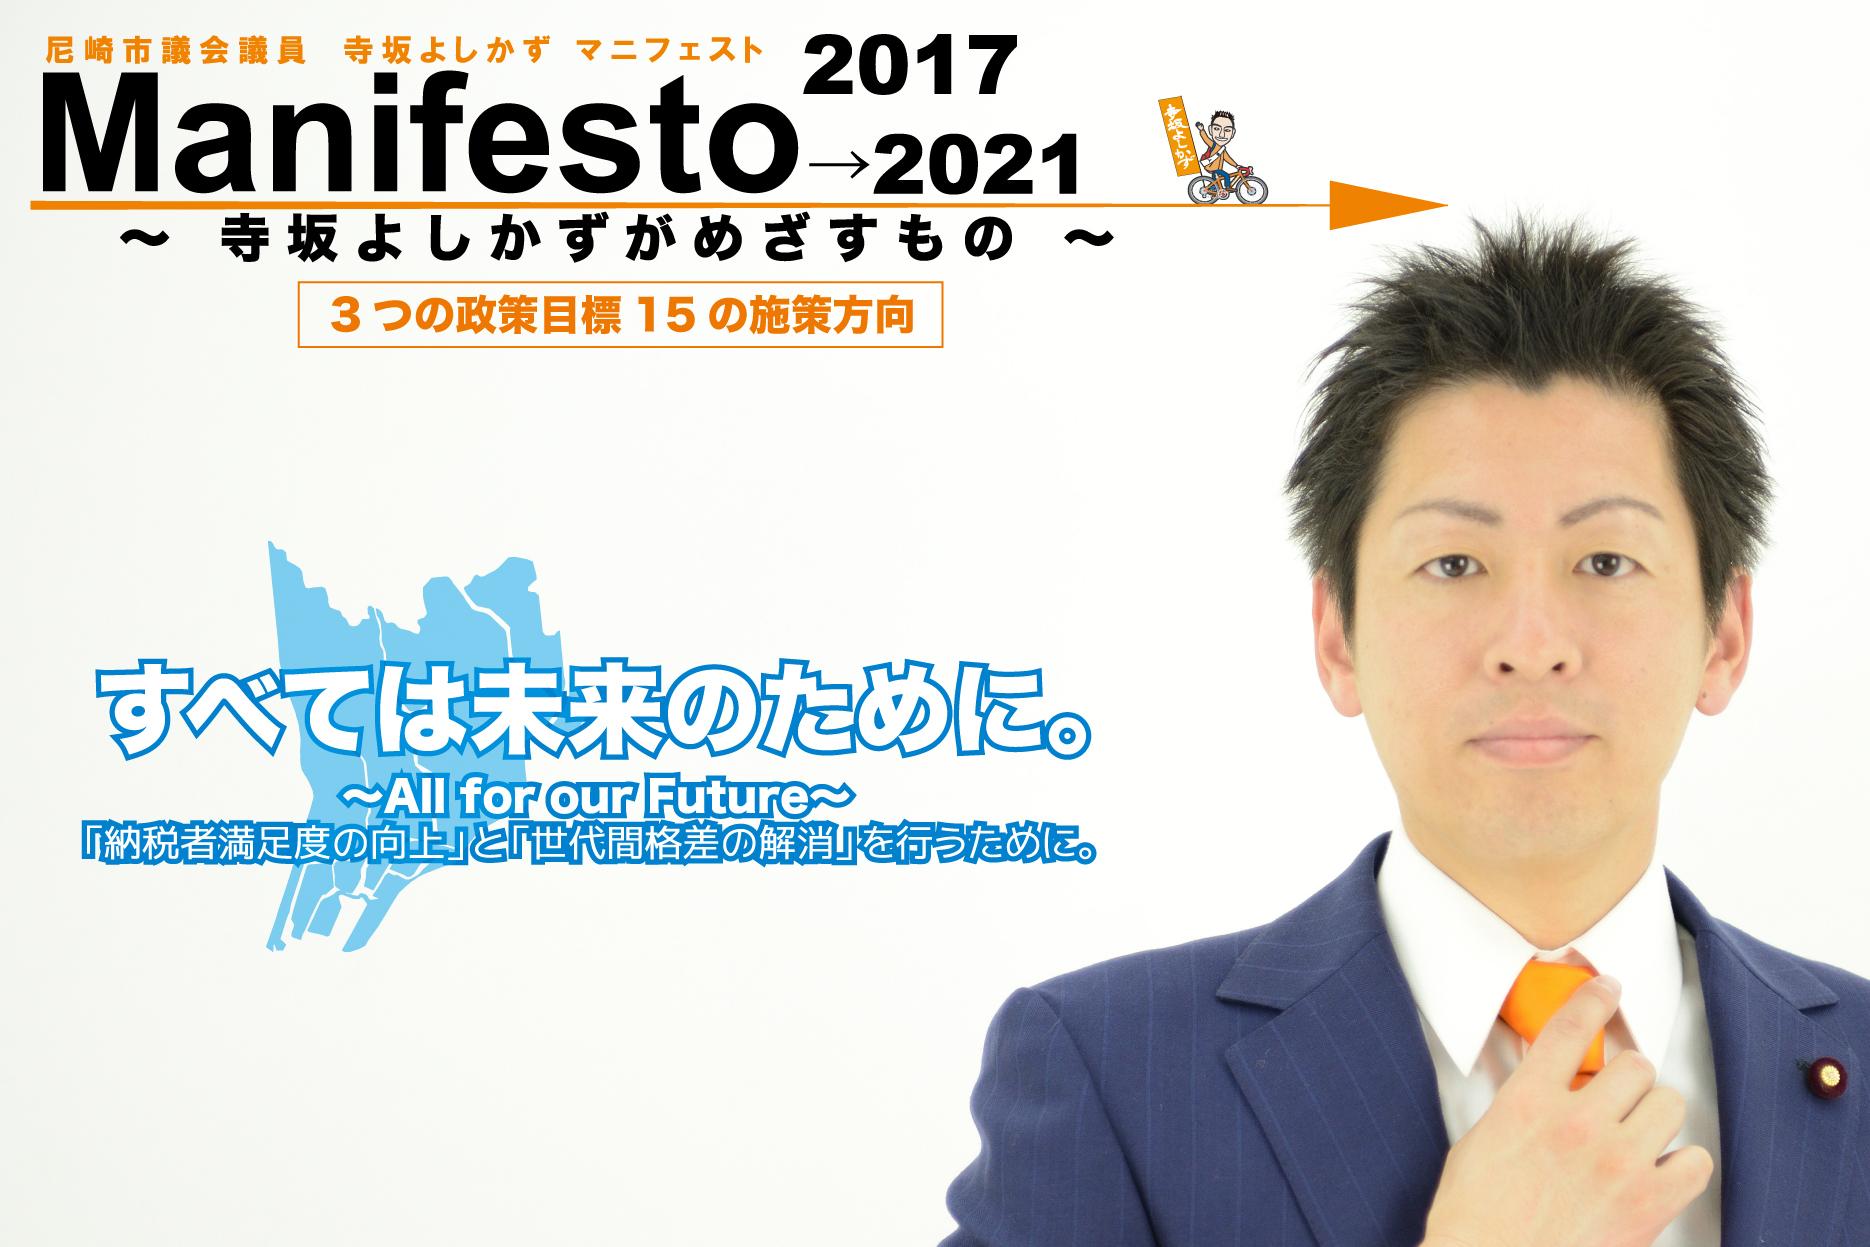 Manifesto2017-2021